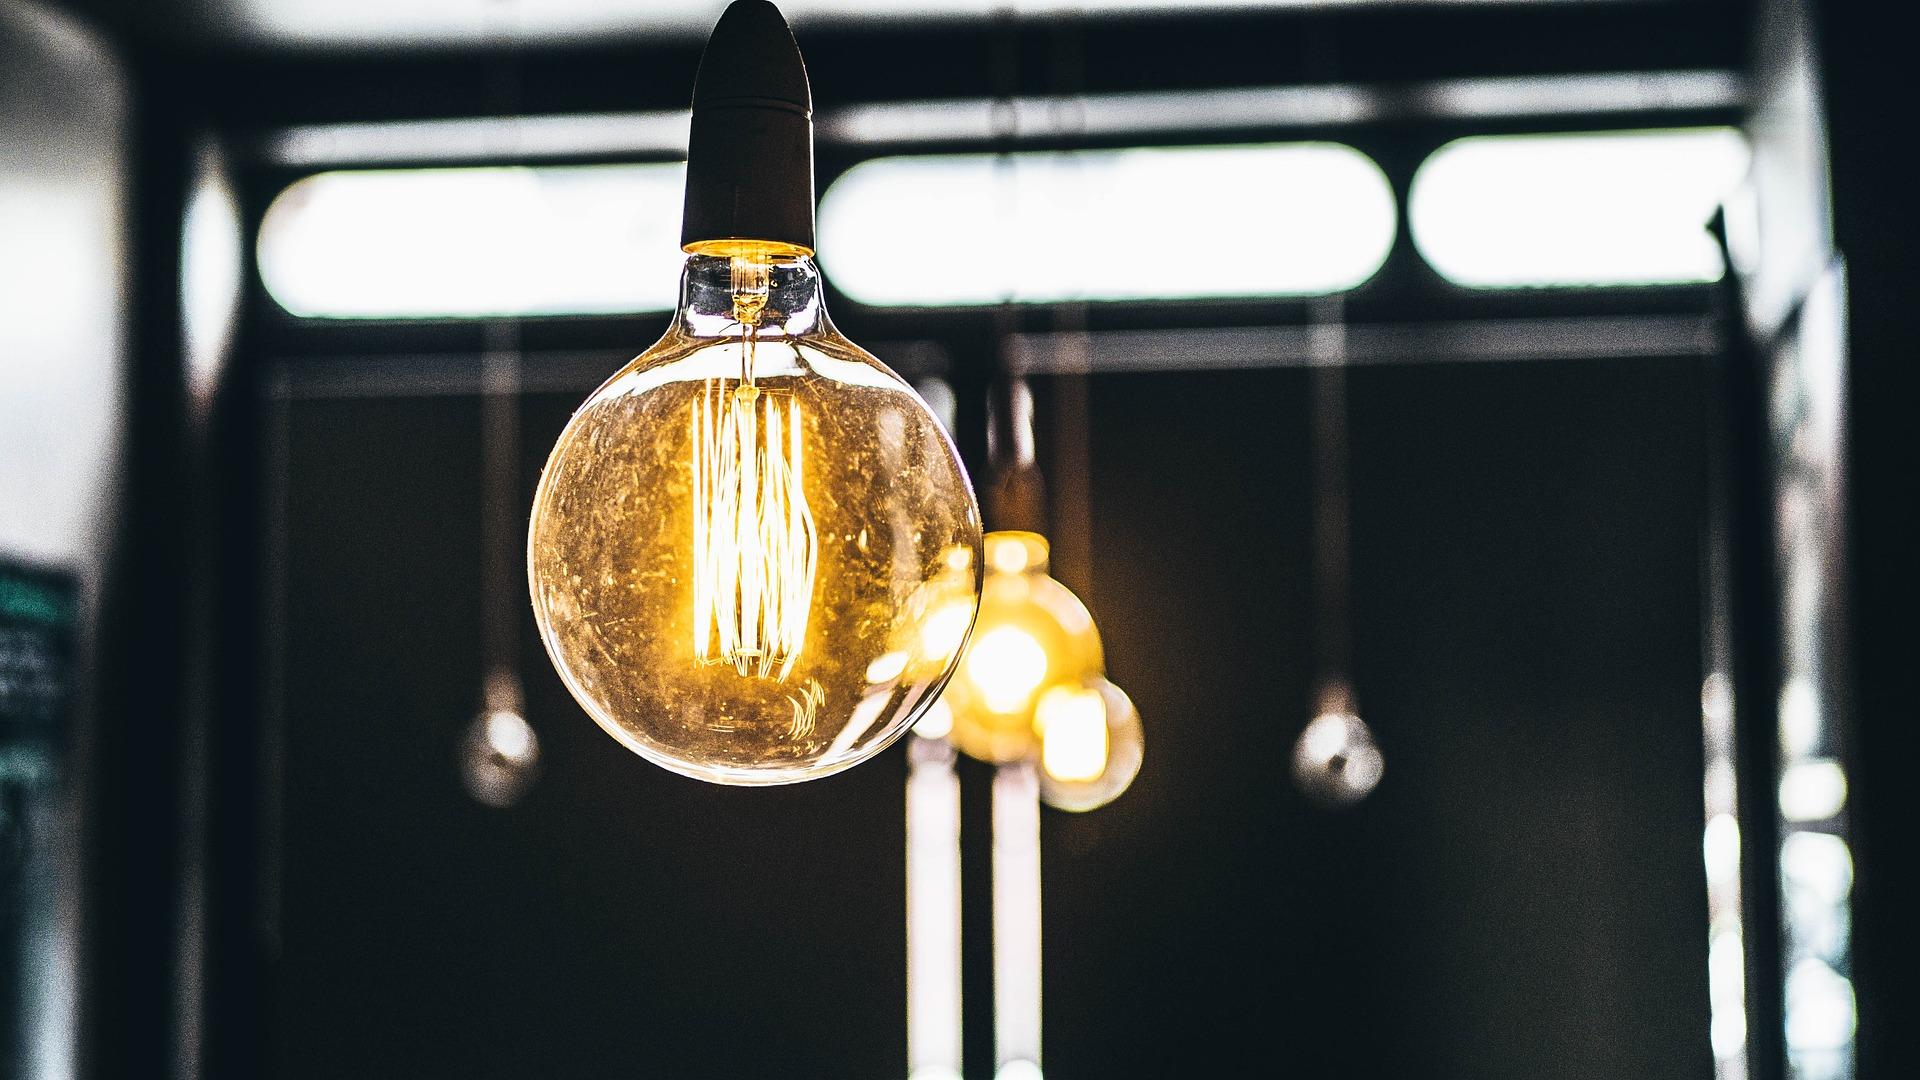 Beleuchtung / Pixabay